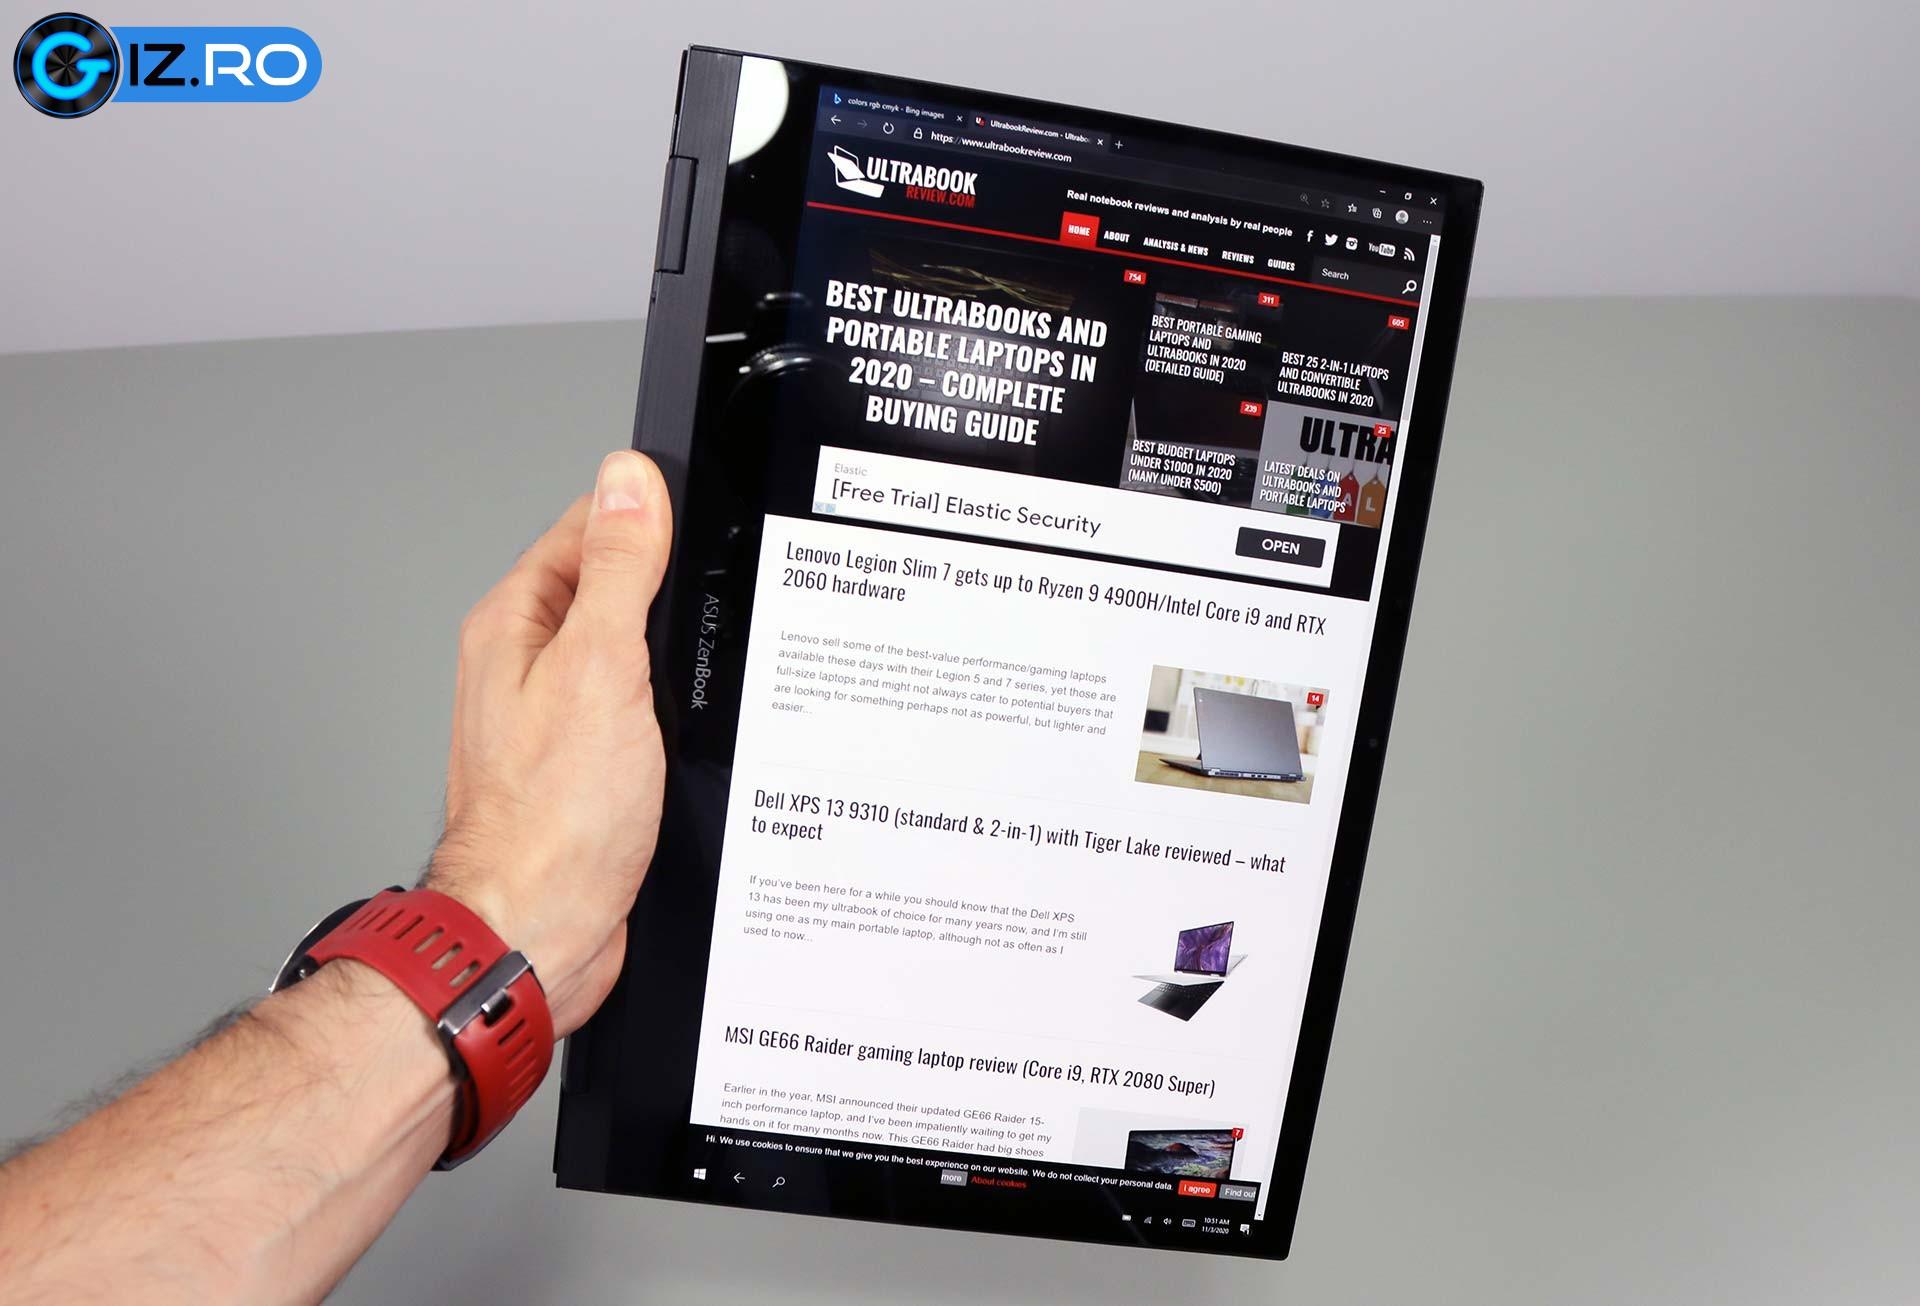 asus-zenbook-ux371-modes-tablet